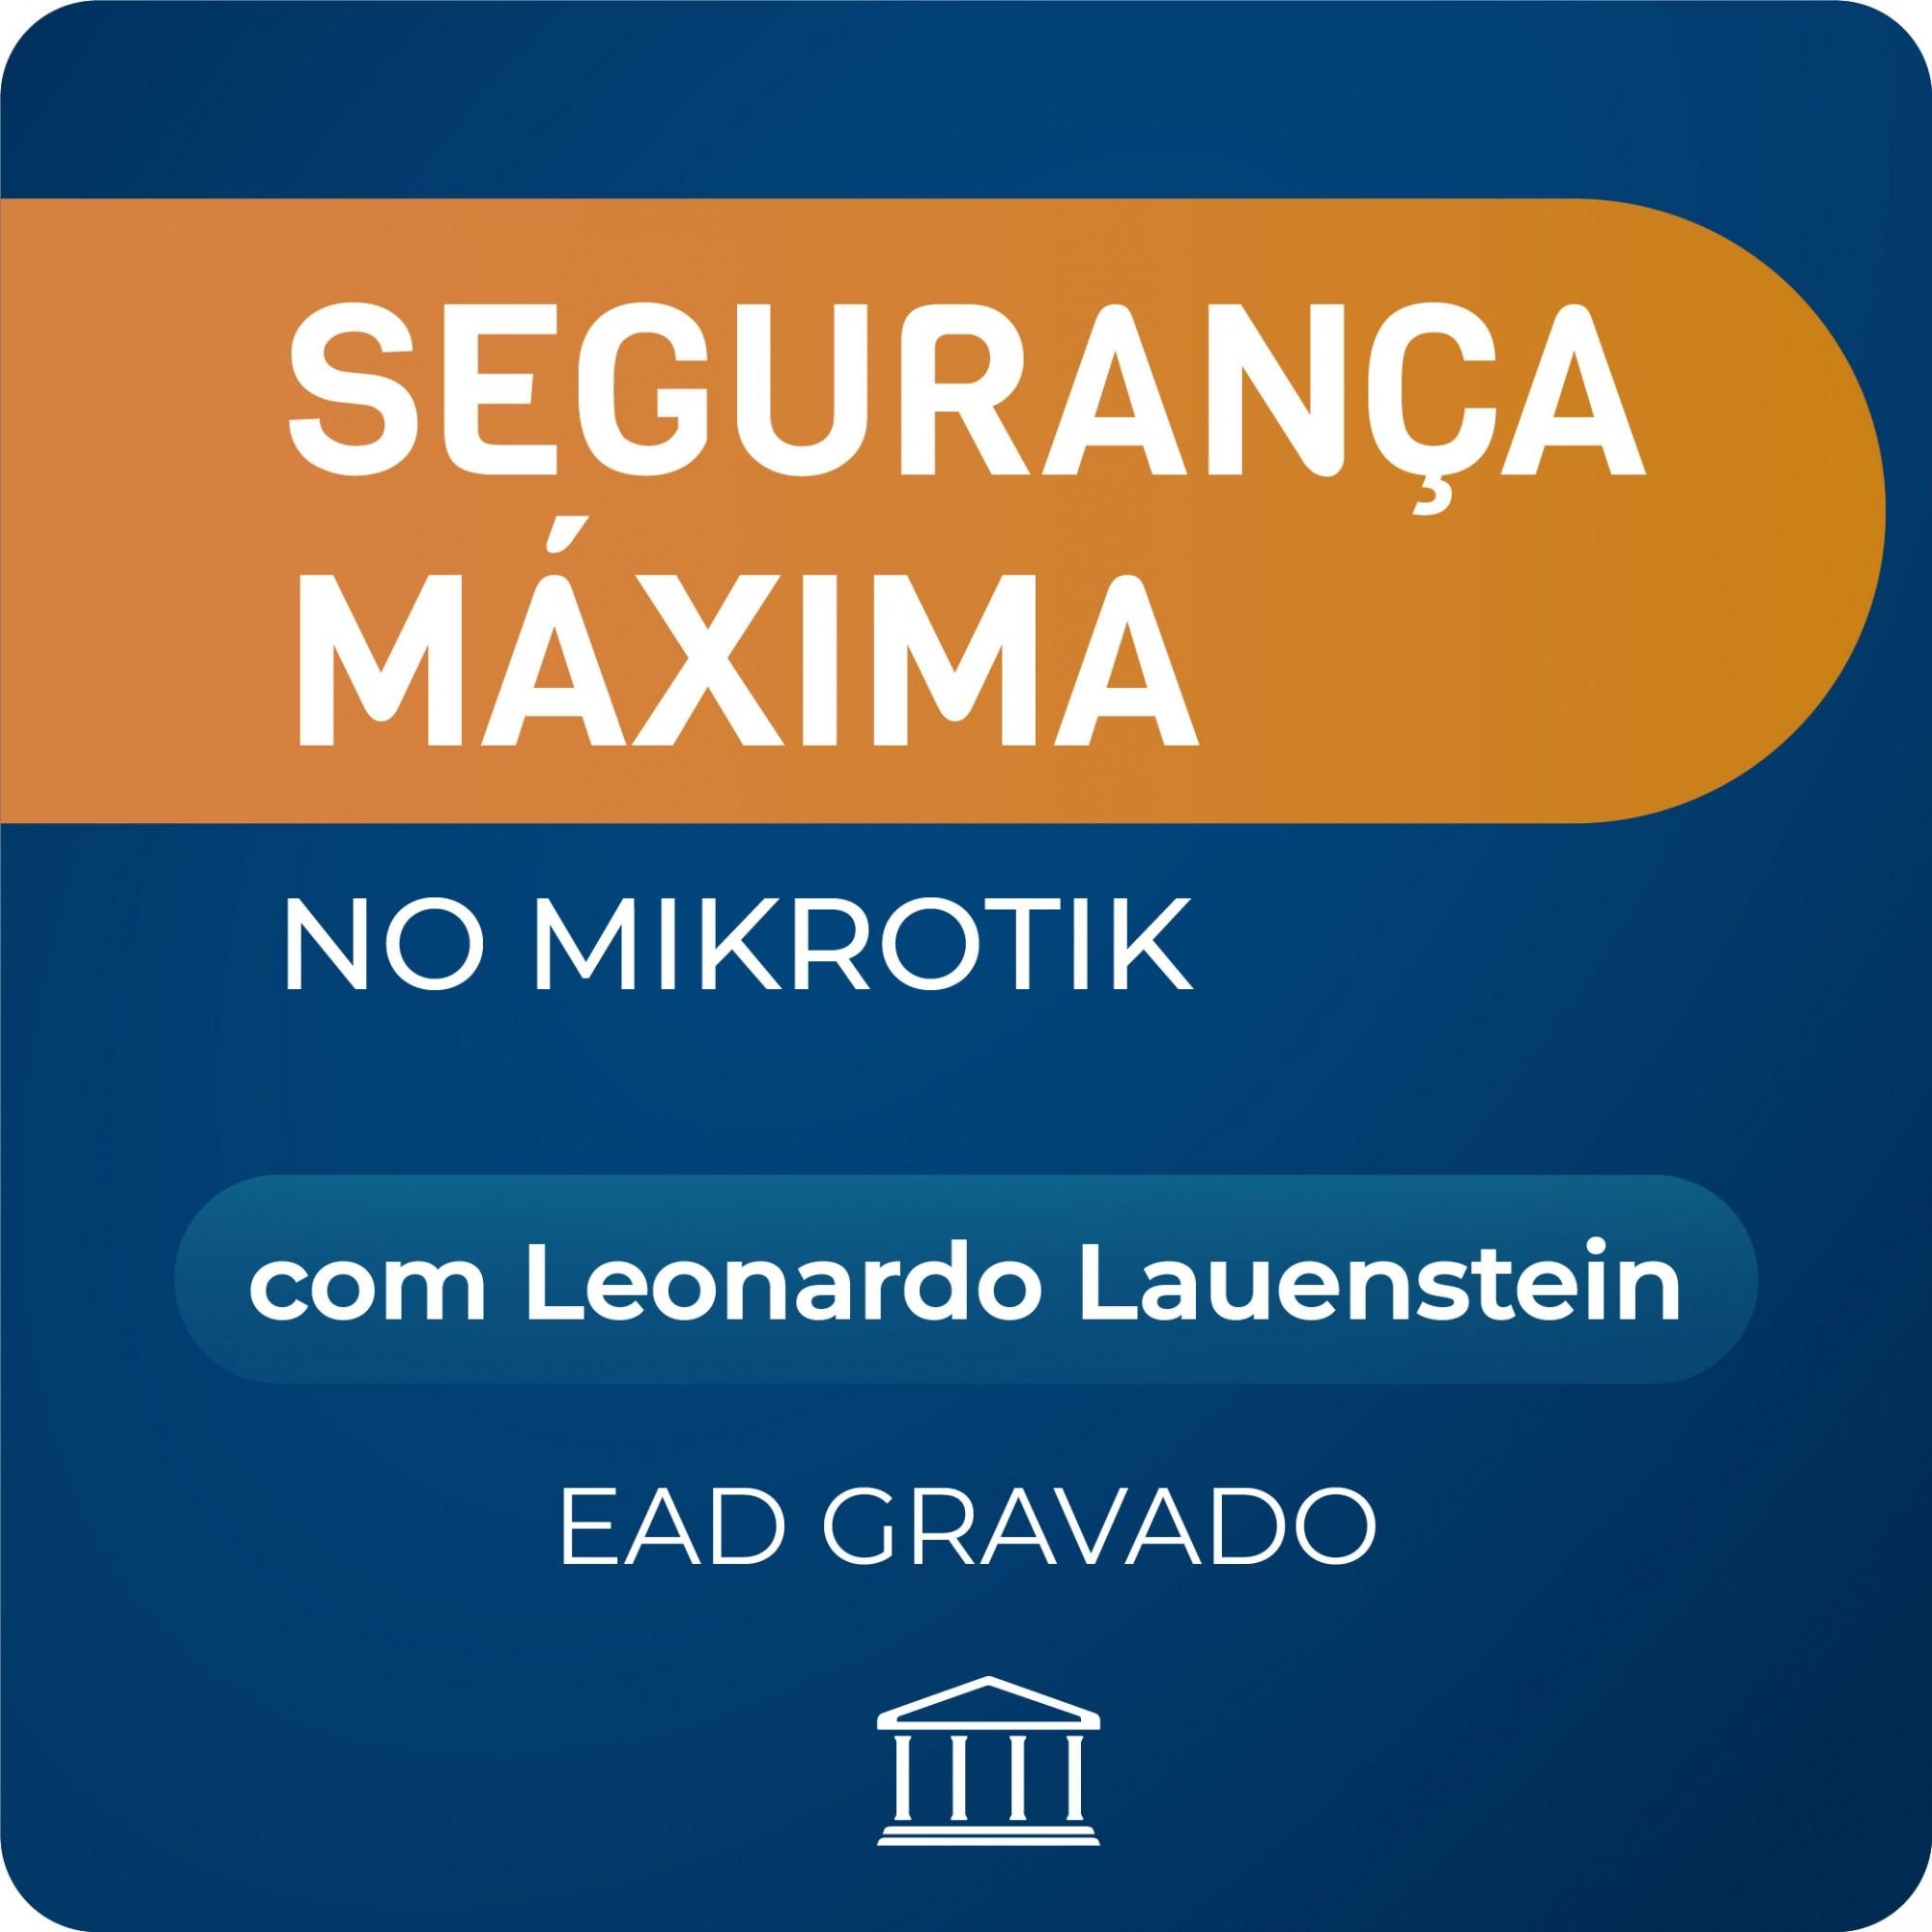 Segurança Máxima em Mikrotik com Leonardo Lauenstein - GRAVADO  - Voz e Dados